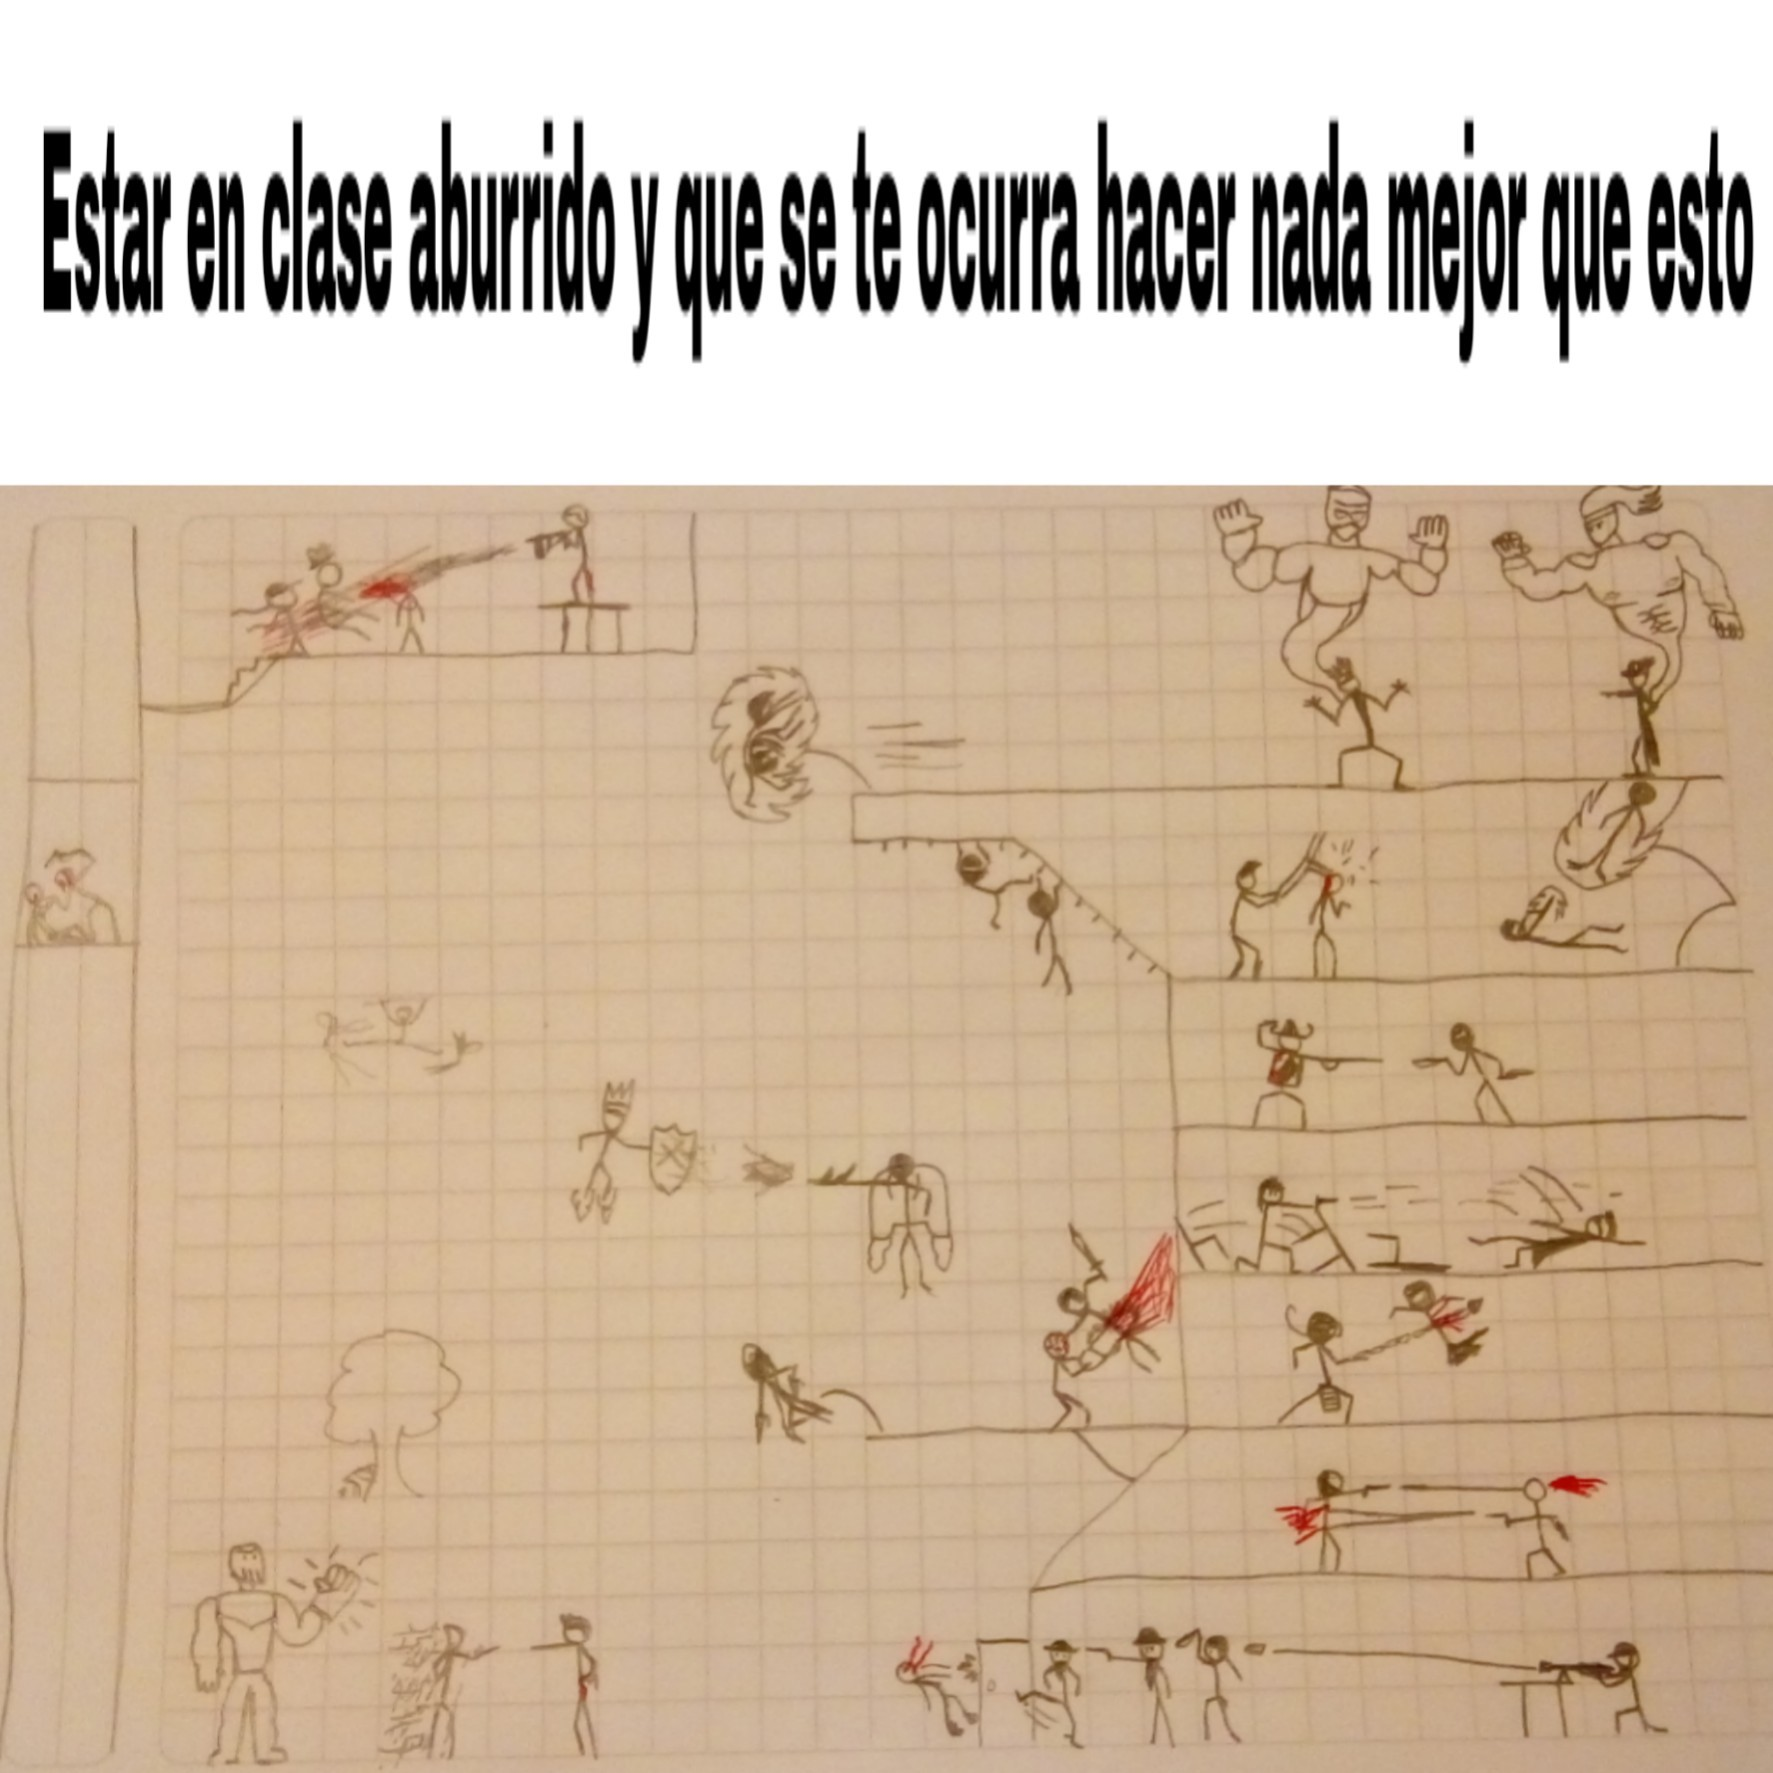 Hecho en clase de Tecnología - meme